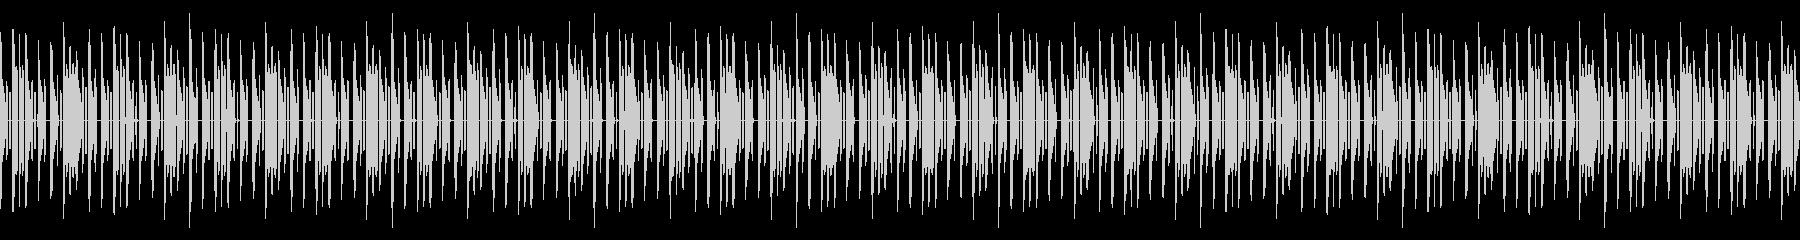 GB風パズル・カードゲームのED曲の未再生の波形